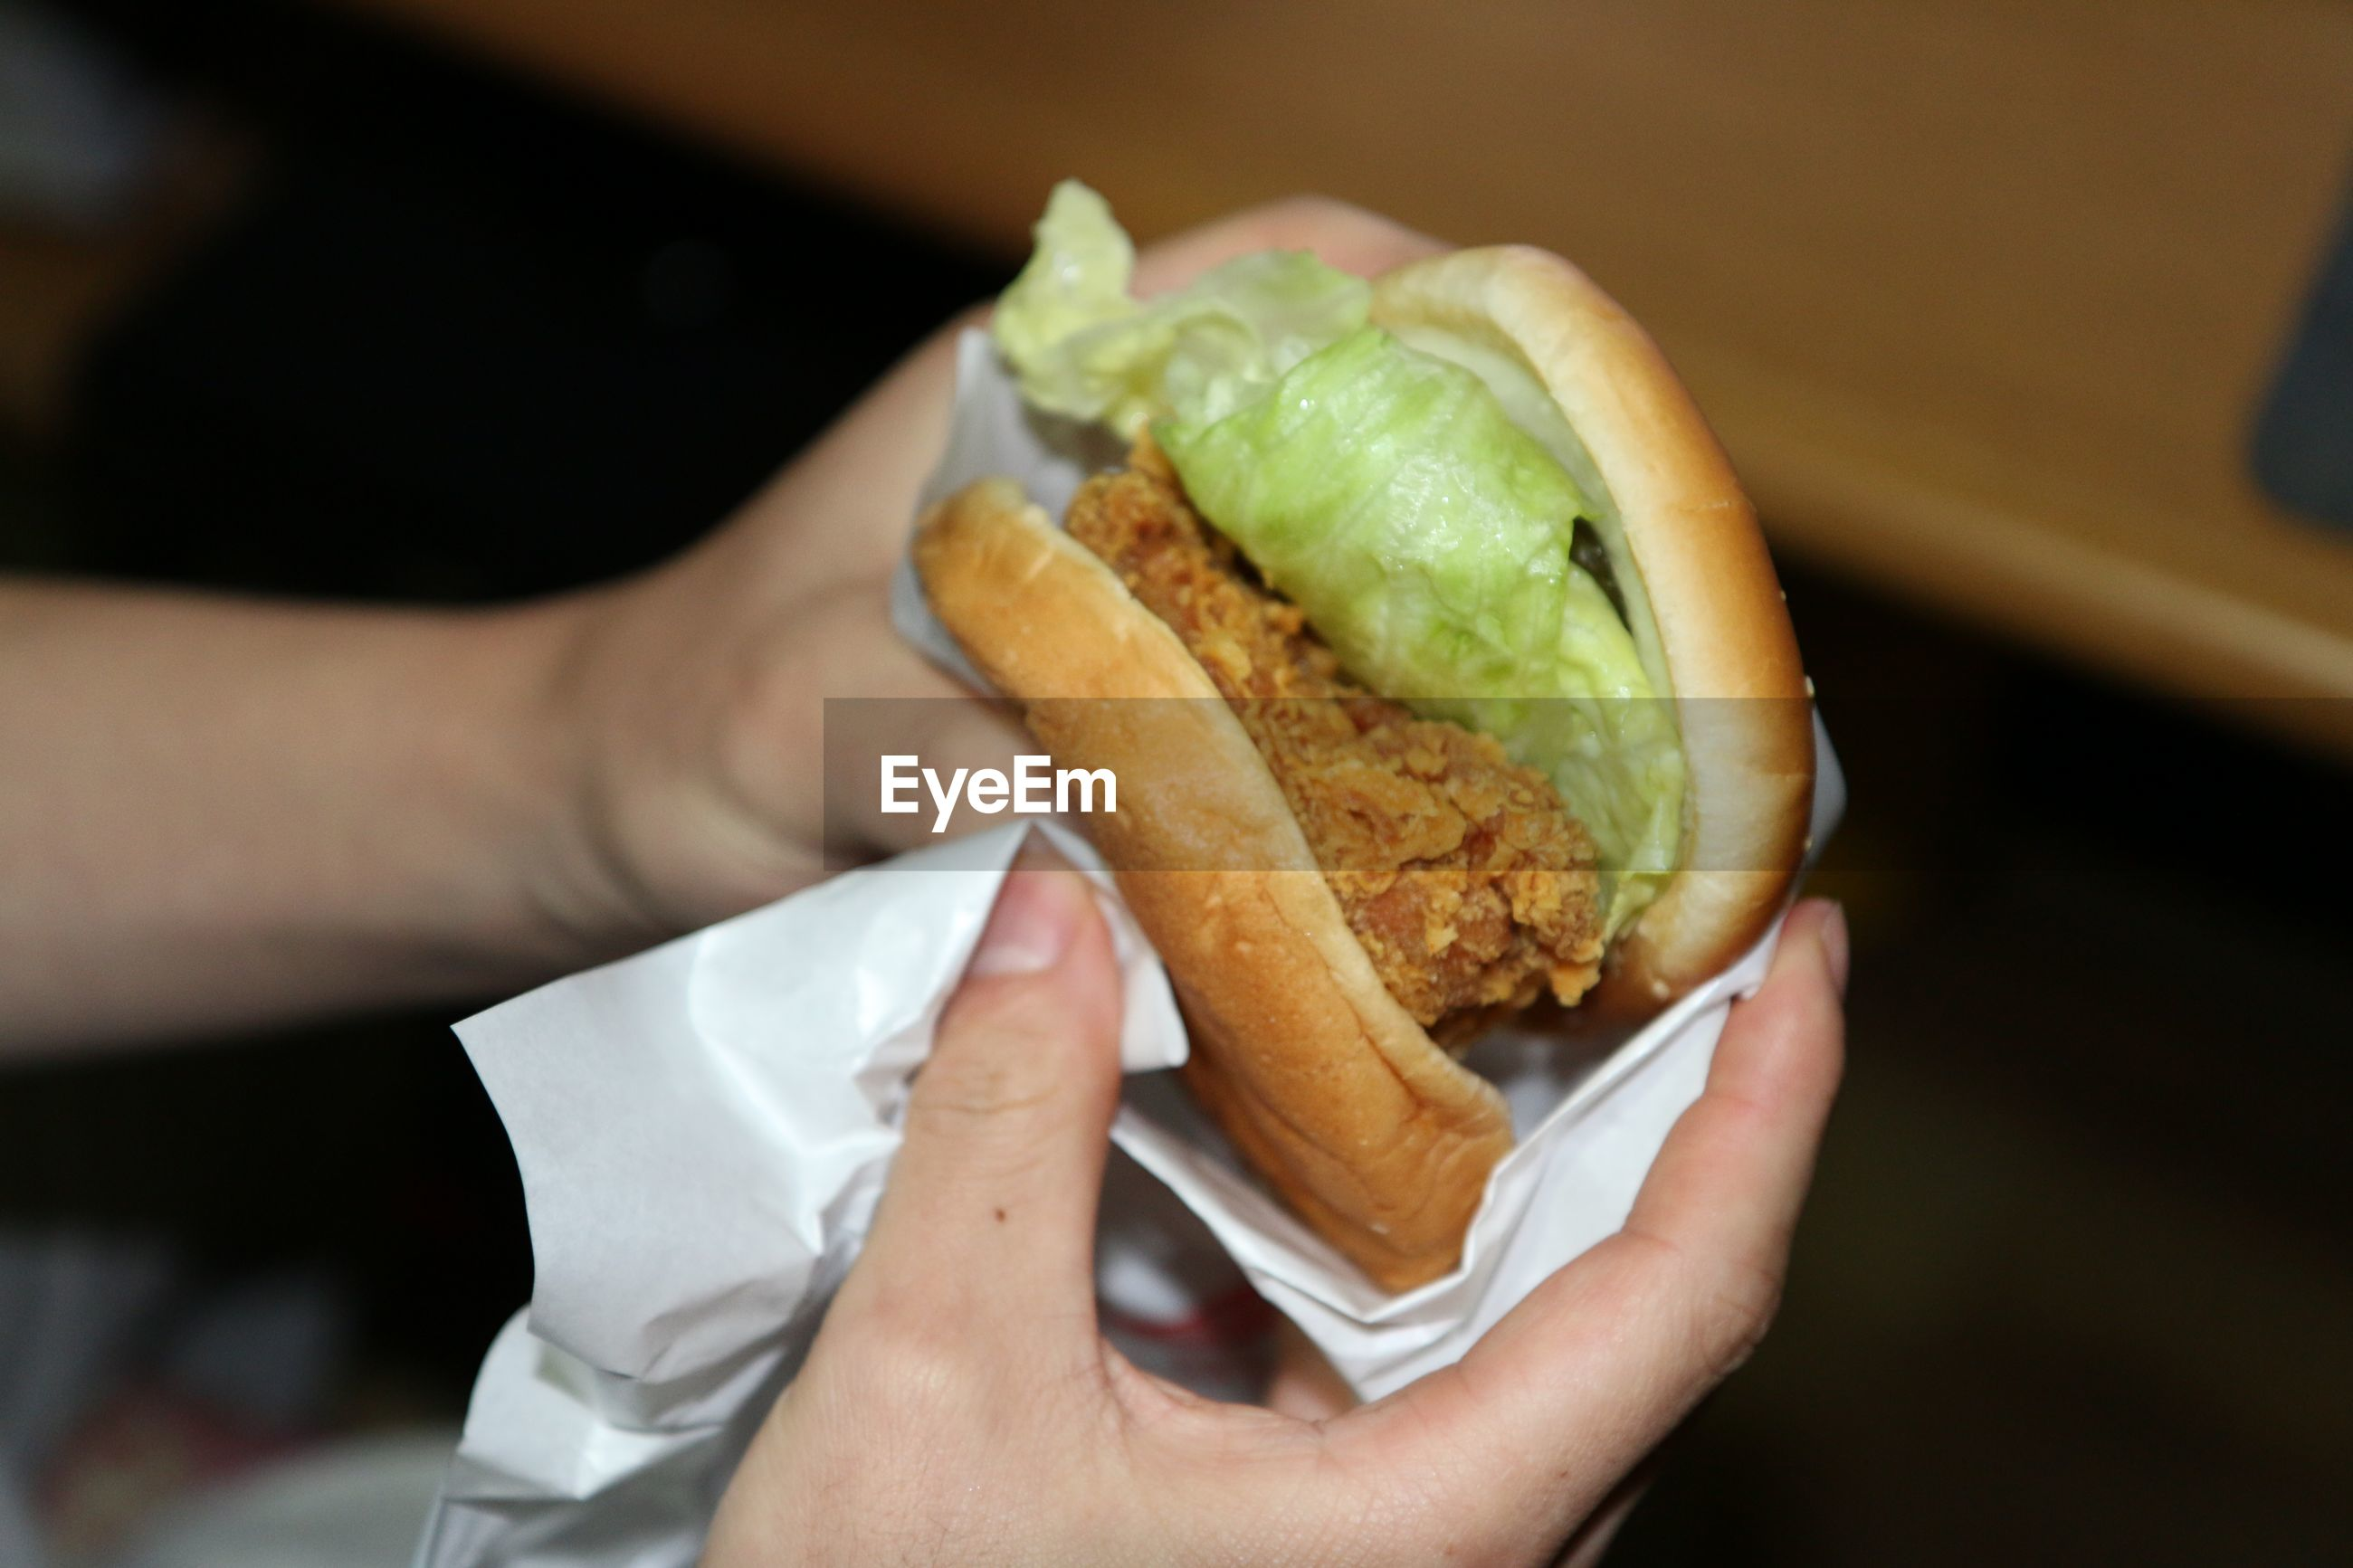 Cropped image of hand holding hamburger